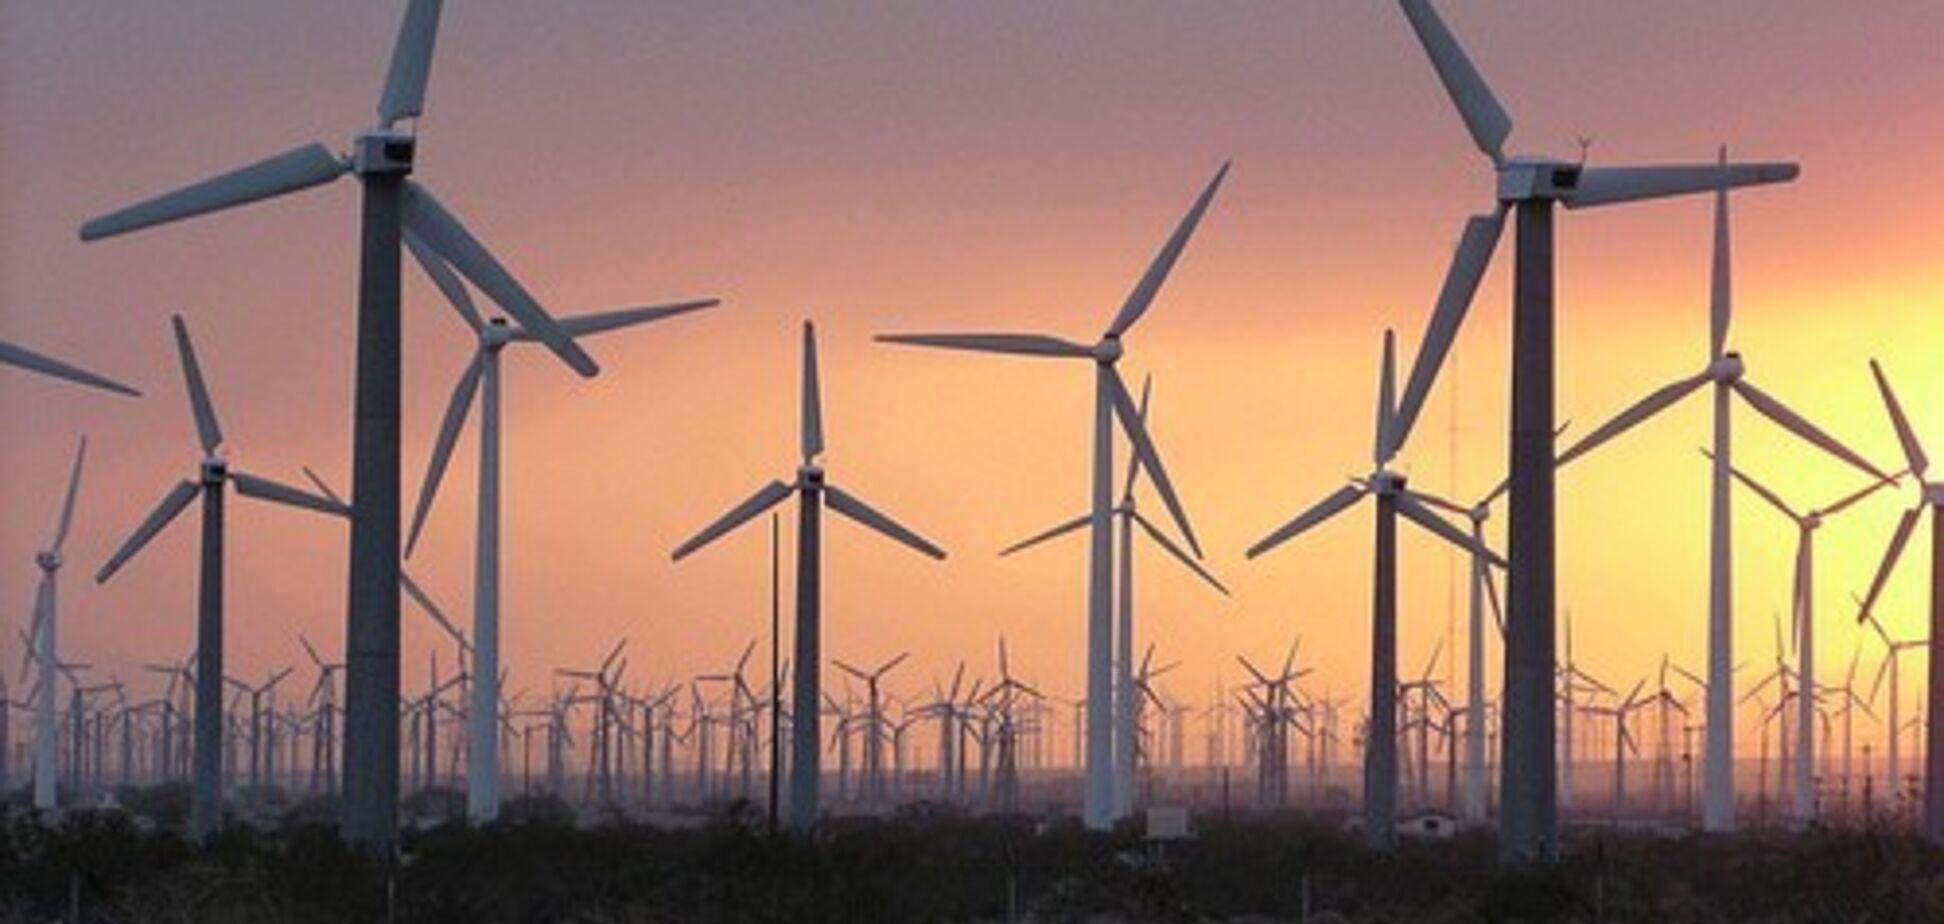 Інвестори накинулися на уряд із критикою через зниження 'зеленого тарифу'